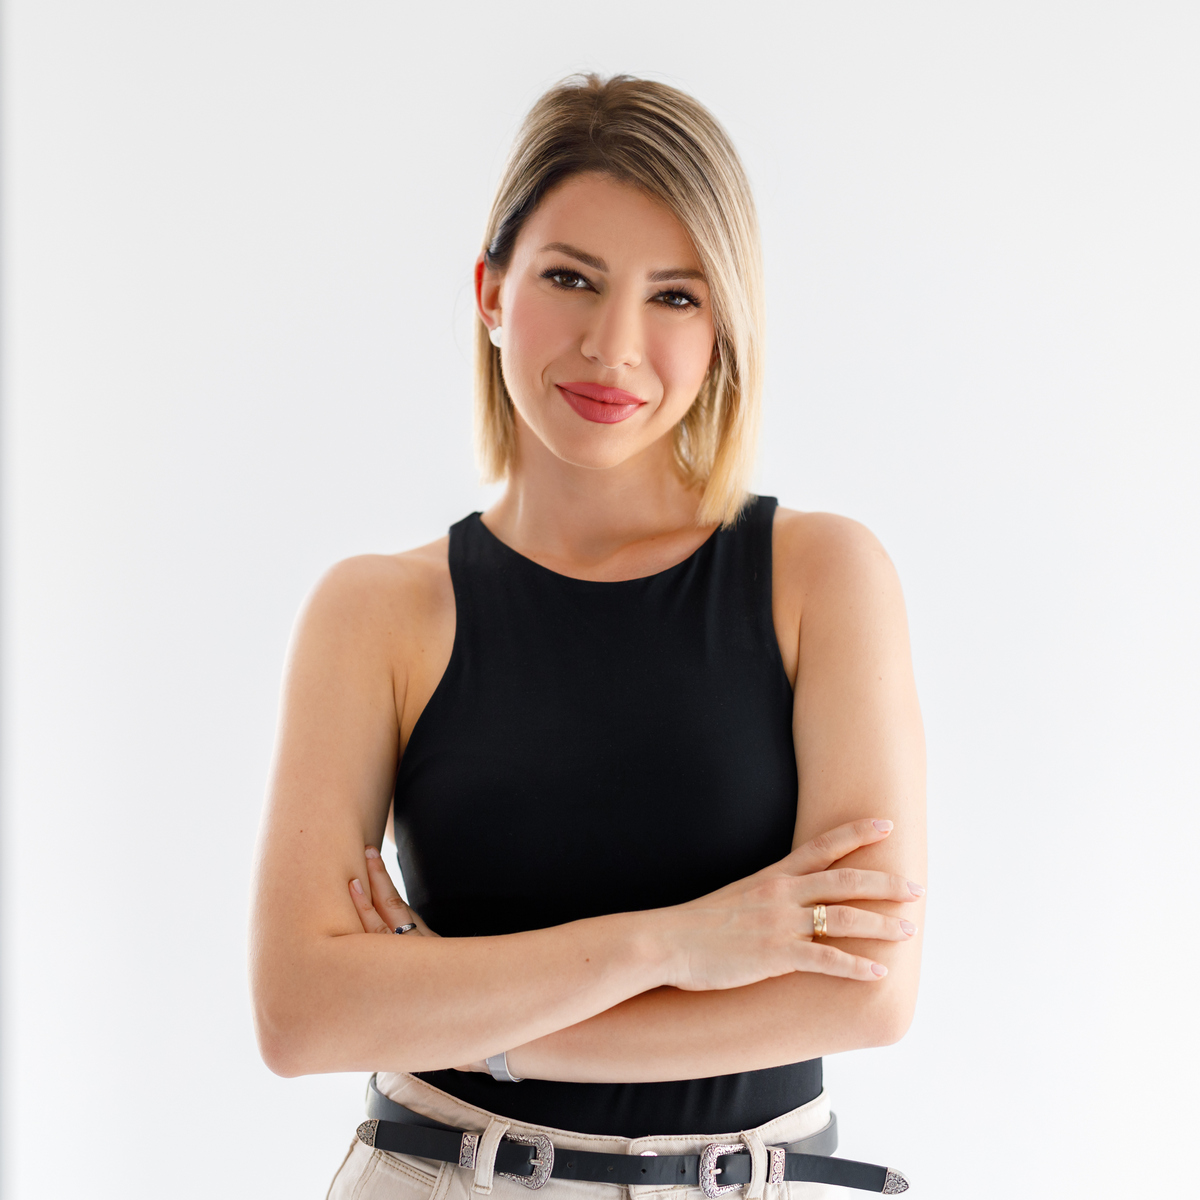 Prirodna lepota - Ena Ćorović